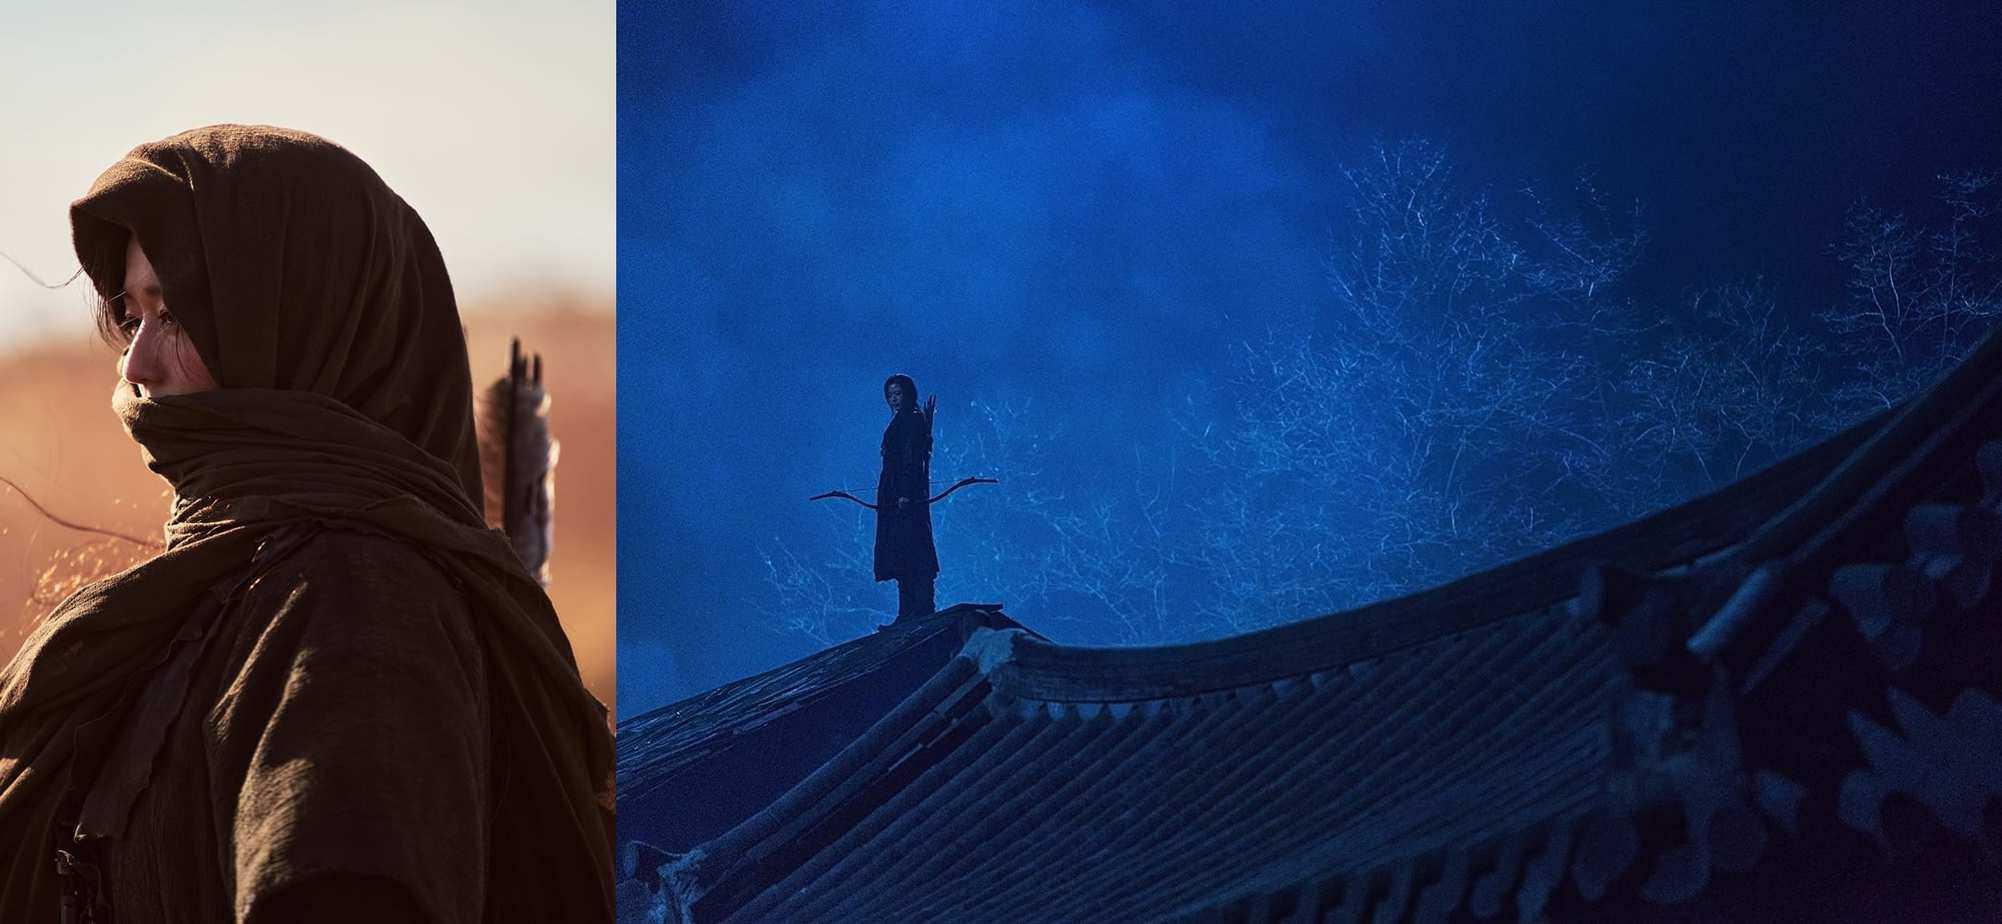 film drama coreen contenu netflix 2021 kingdom